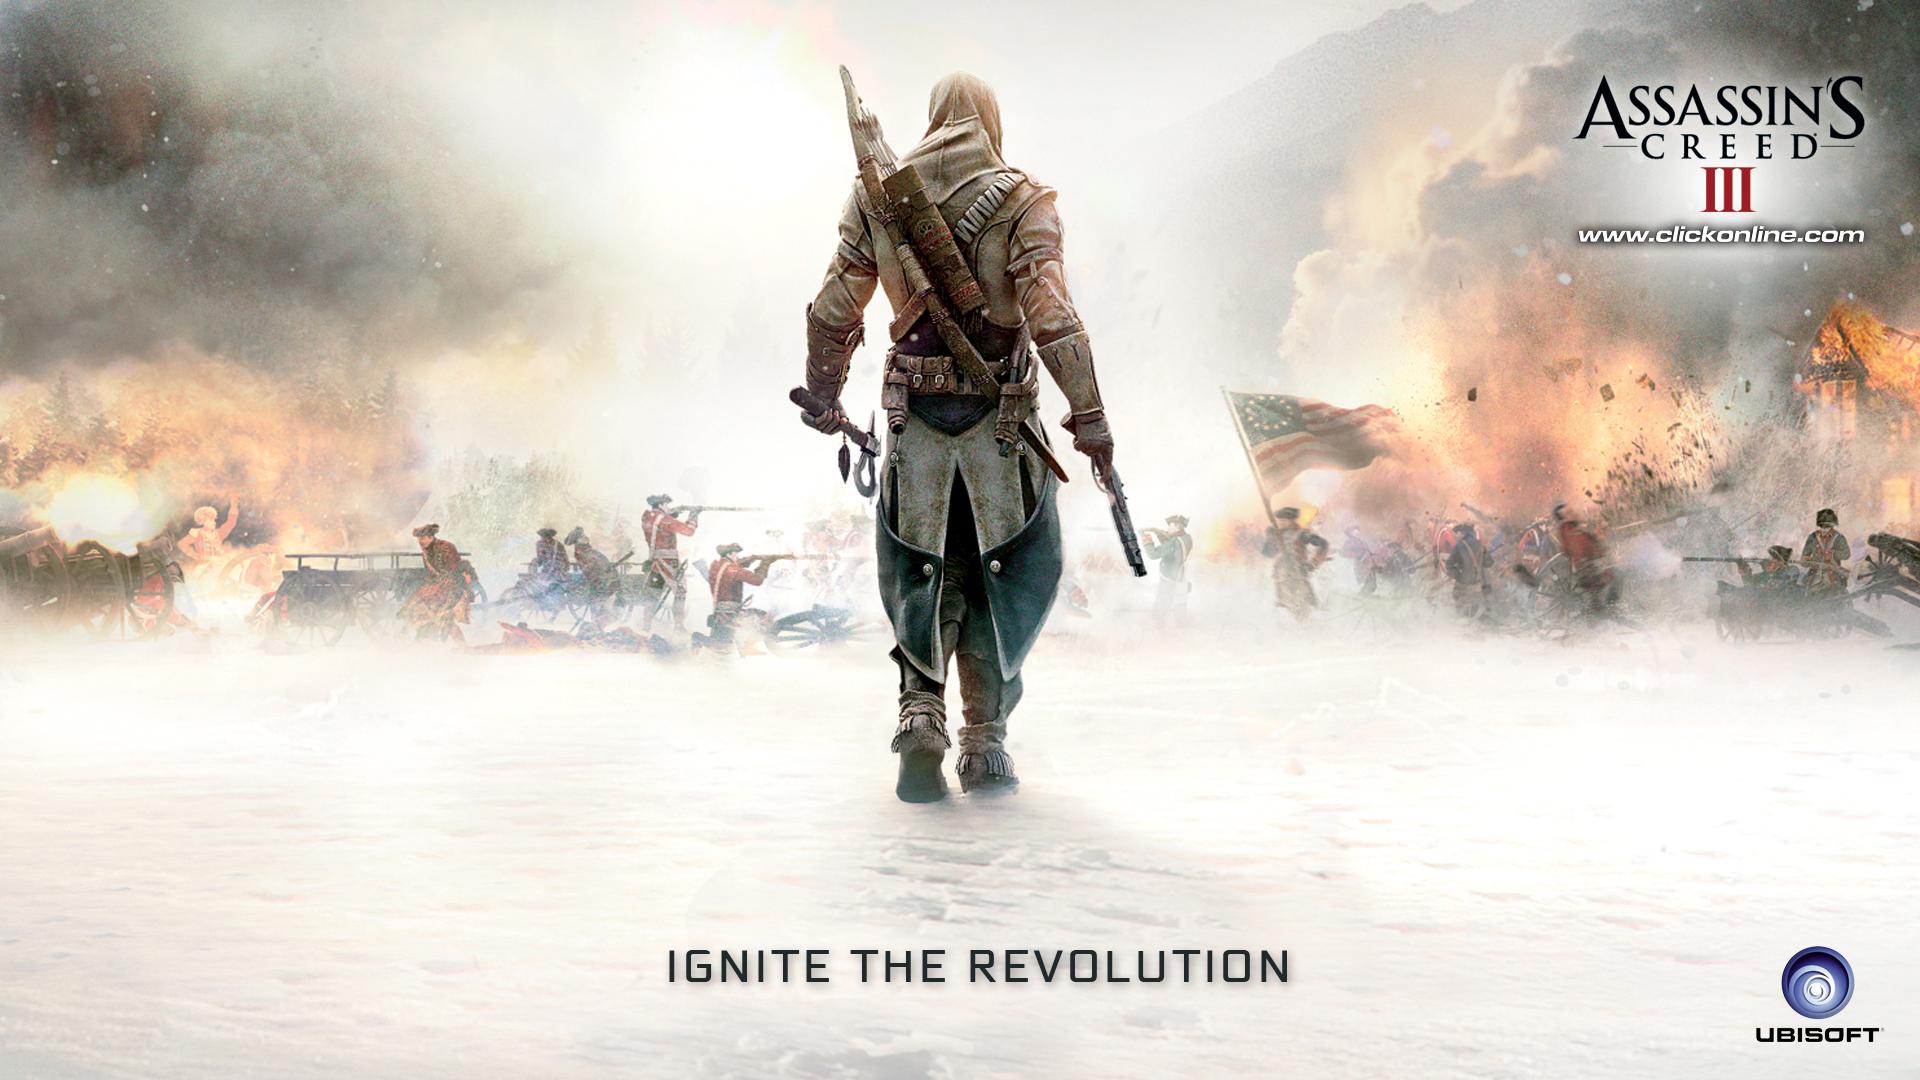 Free Download Assassins Creed 3 Wallpaper M2bi4lf 141115 Kb